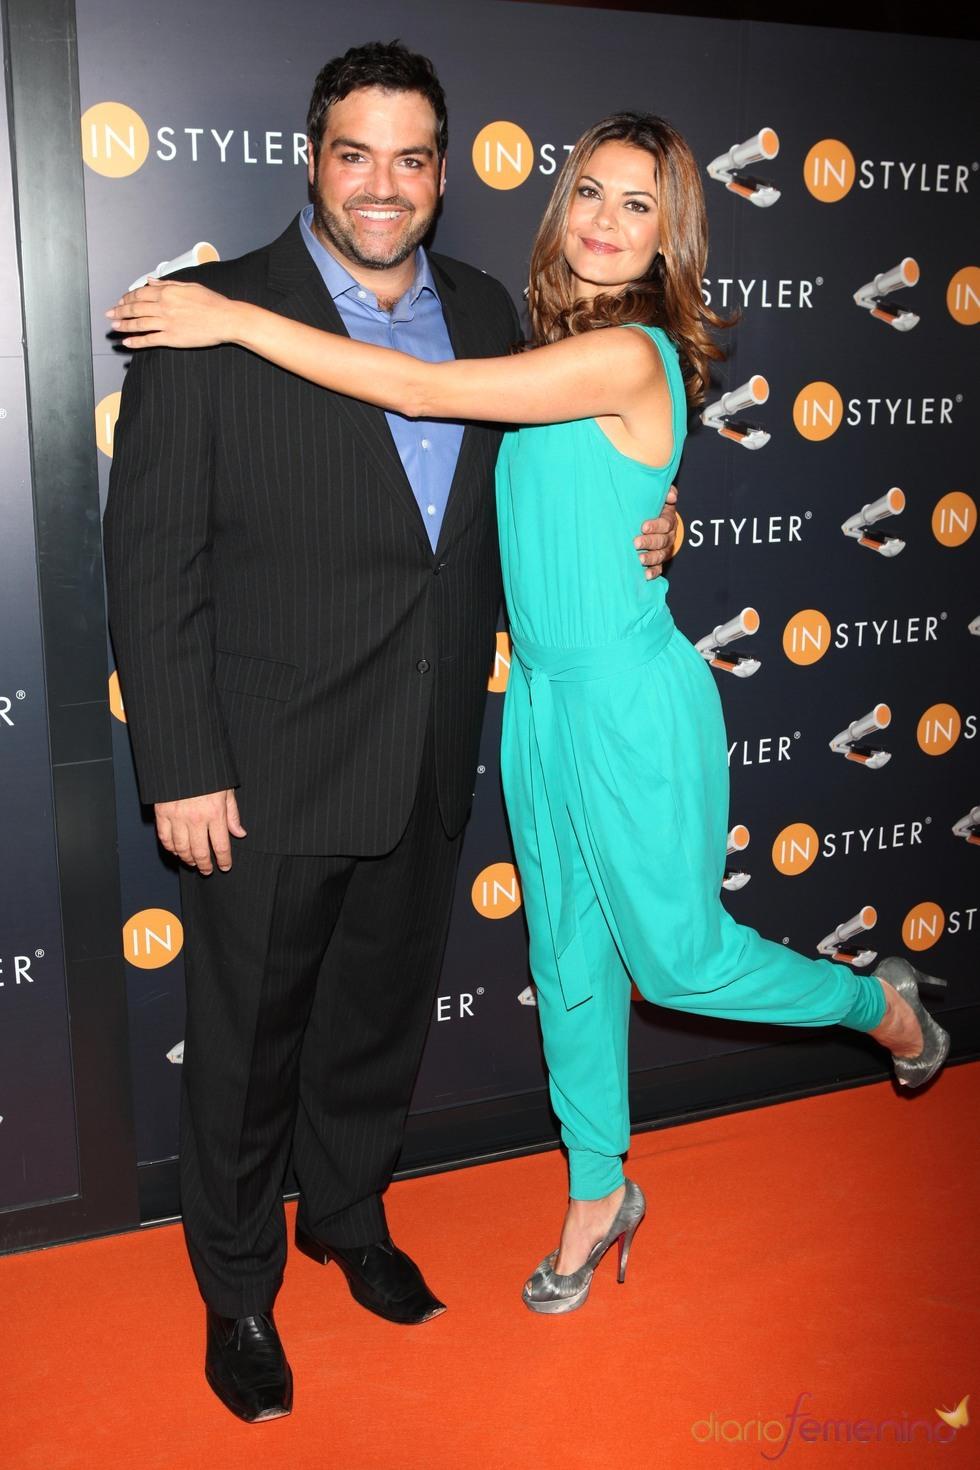 María José Suárez y Dean Banowetz, embajadores de la marca InStyle